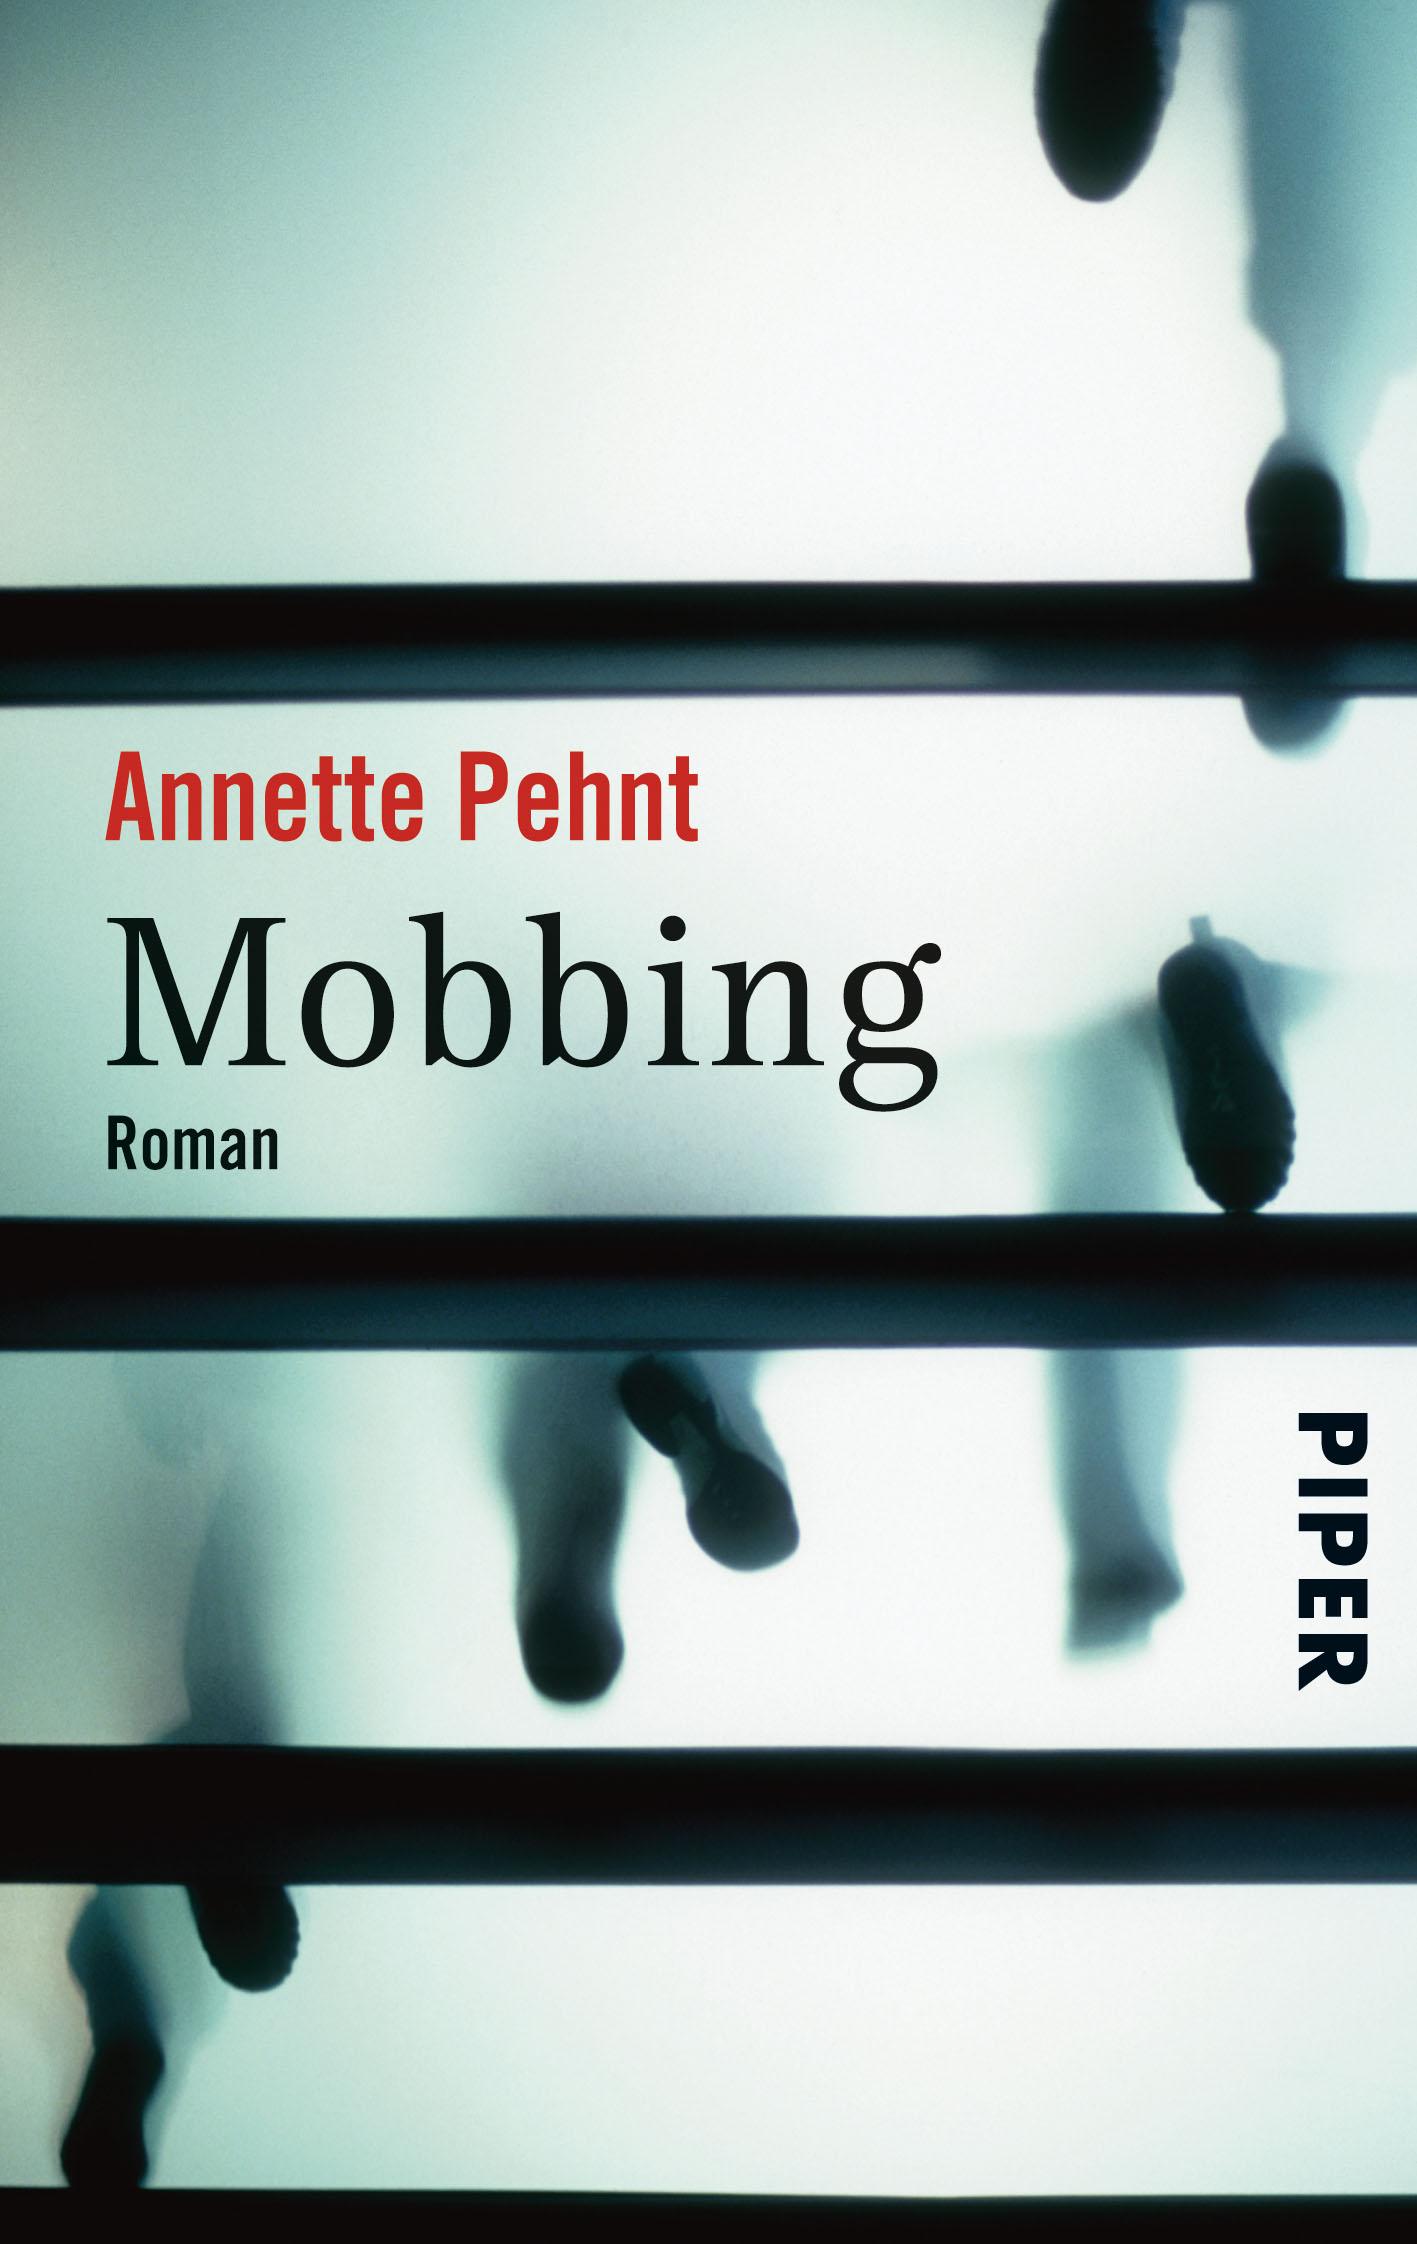 Mobbing - Annette Pehnt